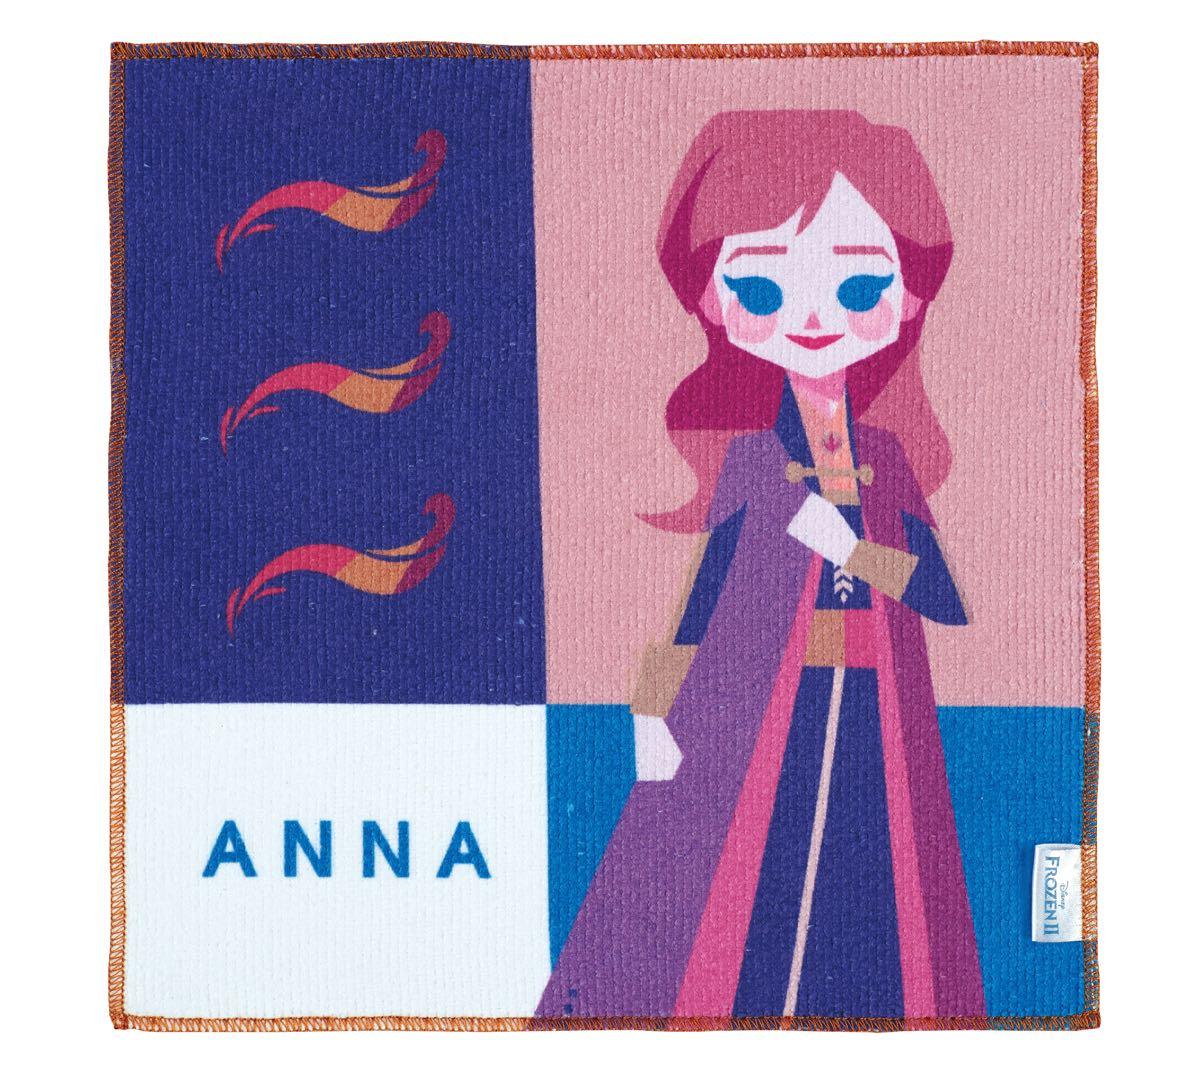 アナと雪の女王2 フローズンメモリーズタオルコレクション アナ